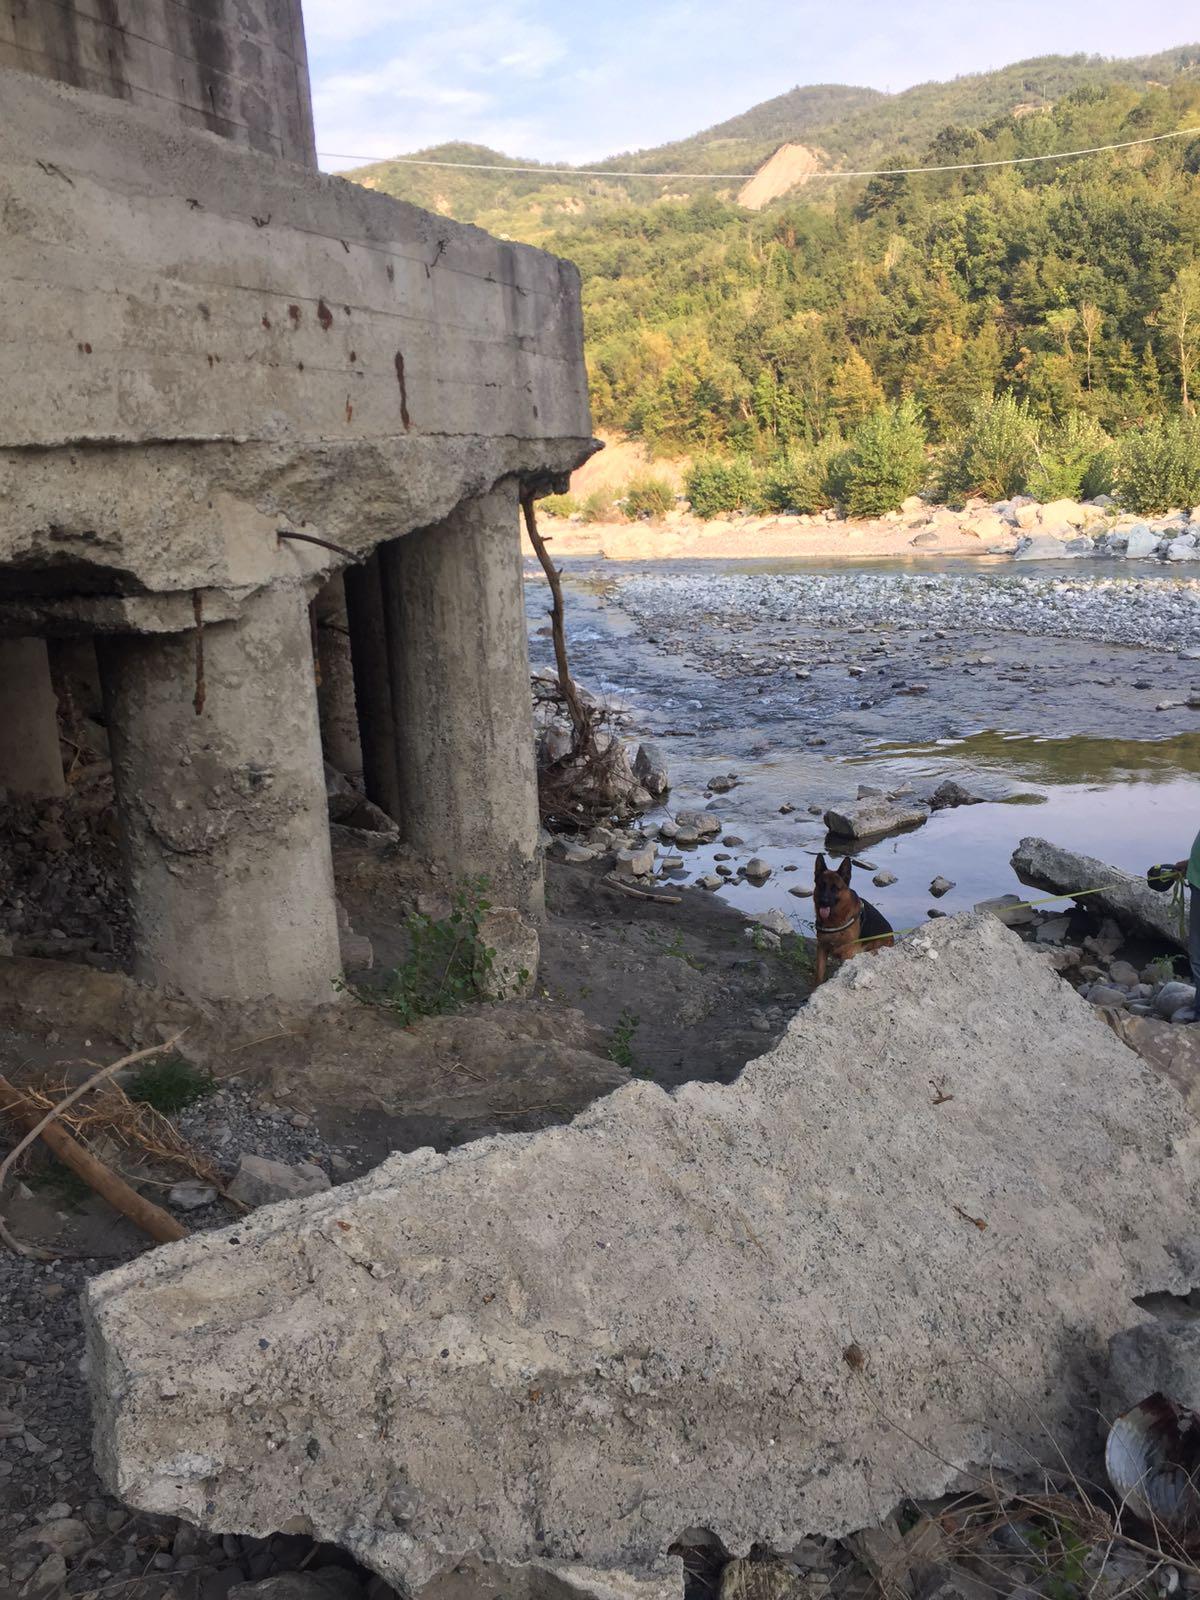 Ponti e strade in pericolo: Provincia segnala 50 interventi per 29 milioni di euro nel territorio piacentino